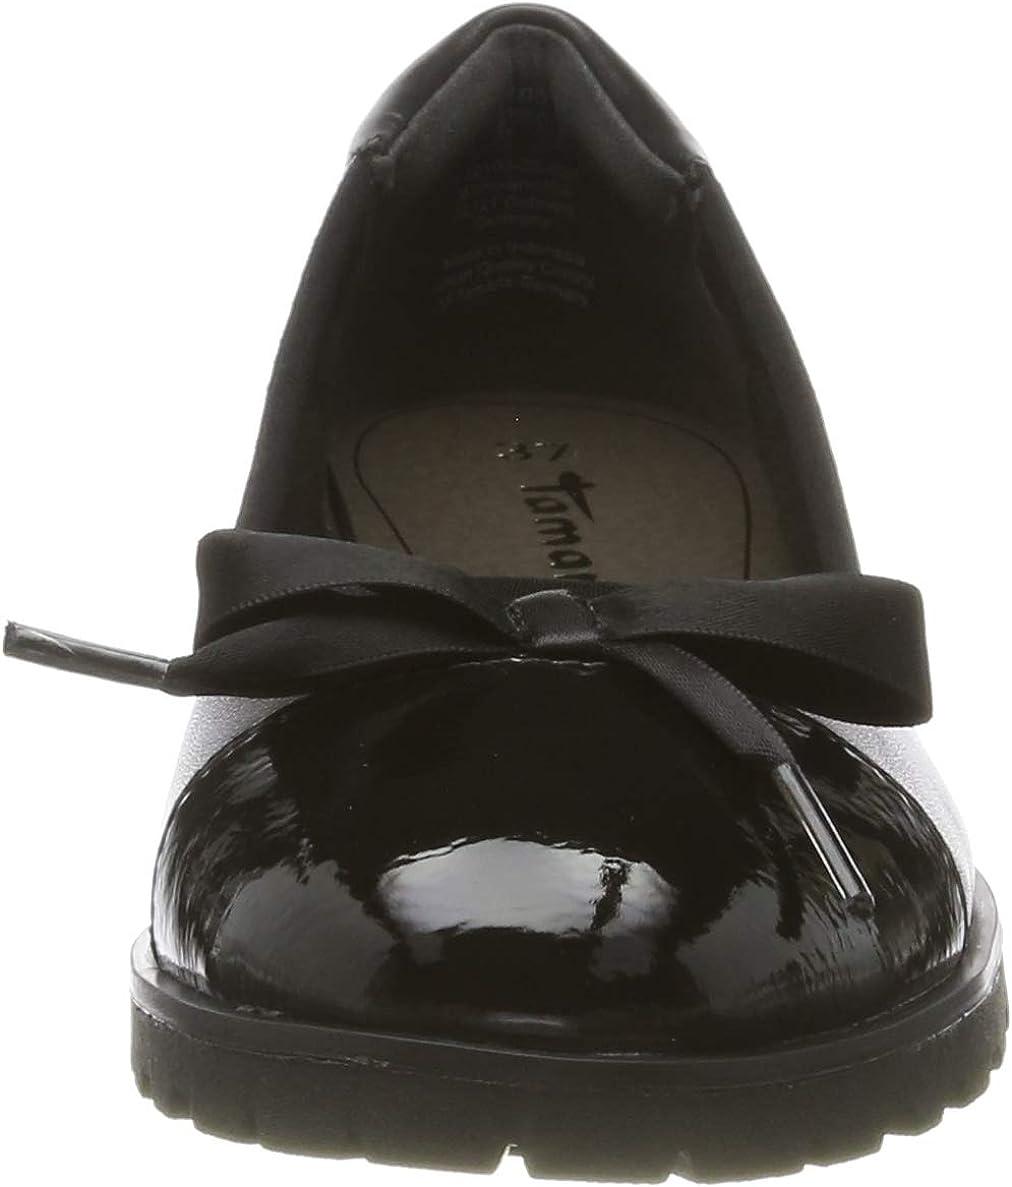 Tamaris 1-1-22100-23, Ballerines Femme Noir Black Comb 98